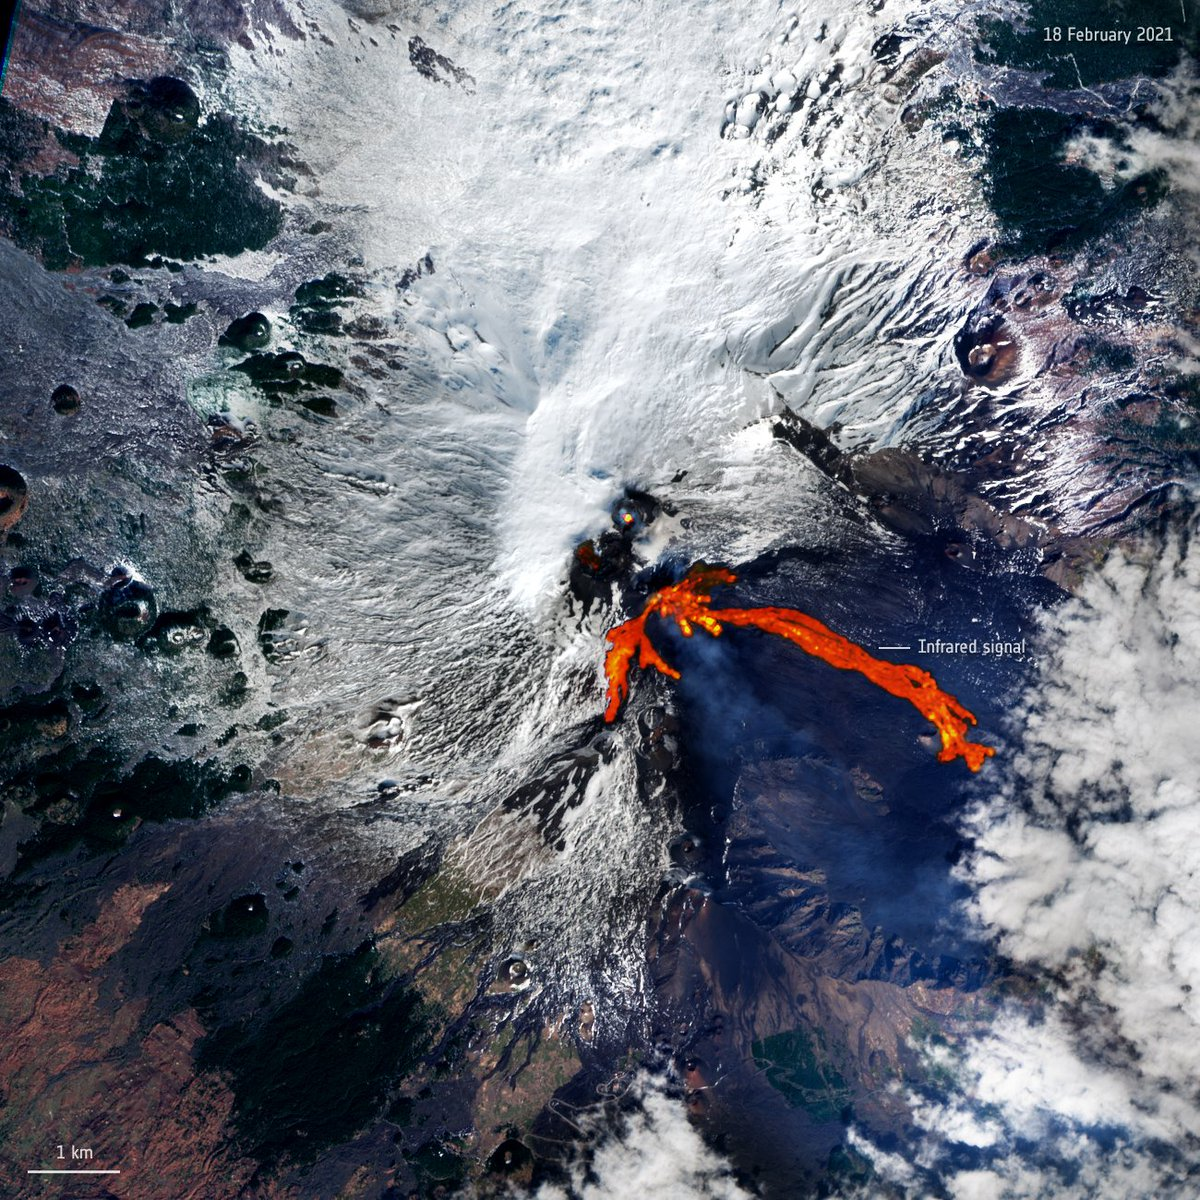 .@CopernicusEU #Sentinel2 a observé hier lEtna (Sicile), le plus haut volcan 🌋 dEurope en activité. Celui-ci est actuellement en éruption, et la bande spectrale infrarouge à ondes courtes permet de mettre en évidence la coulée de lave (en rouge vif). esa.int/ESA_Multimedia…